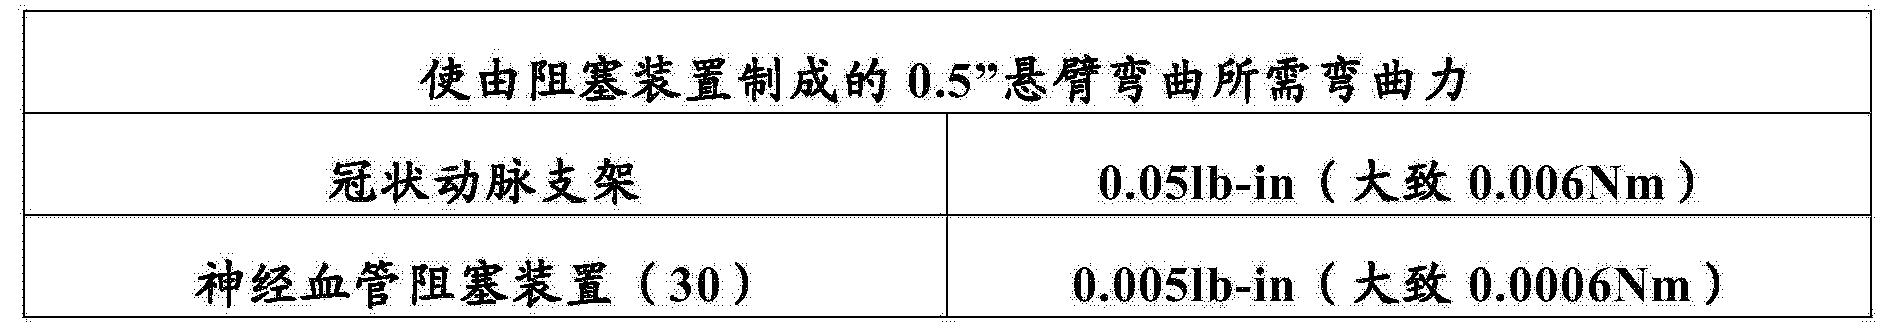 Figure CN102573701BD00271